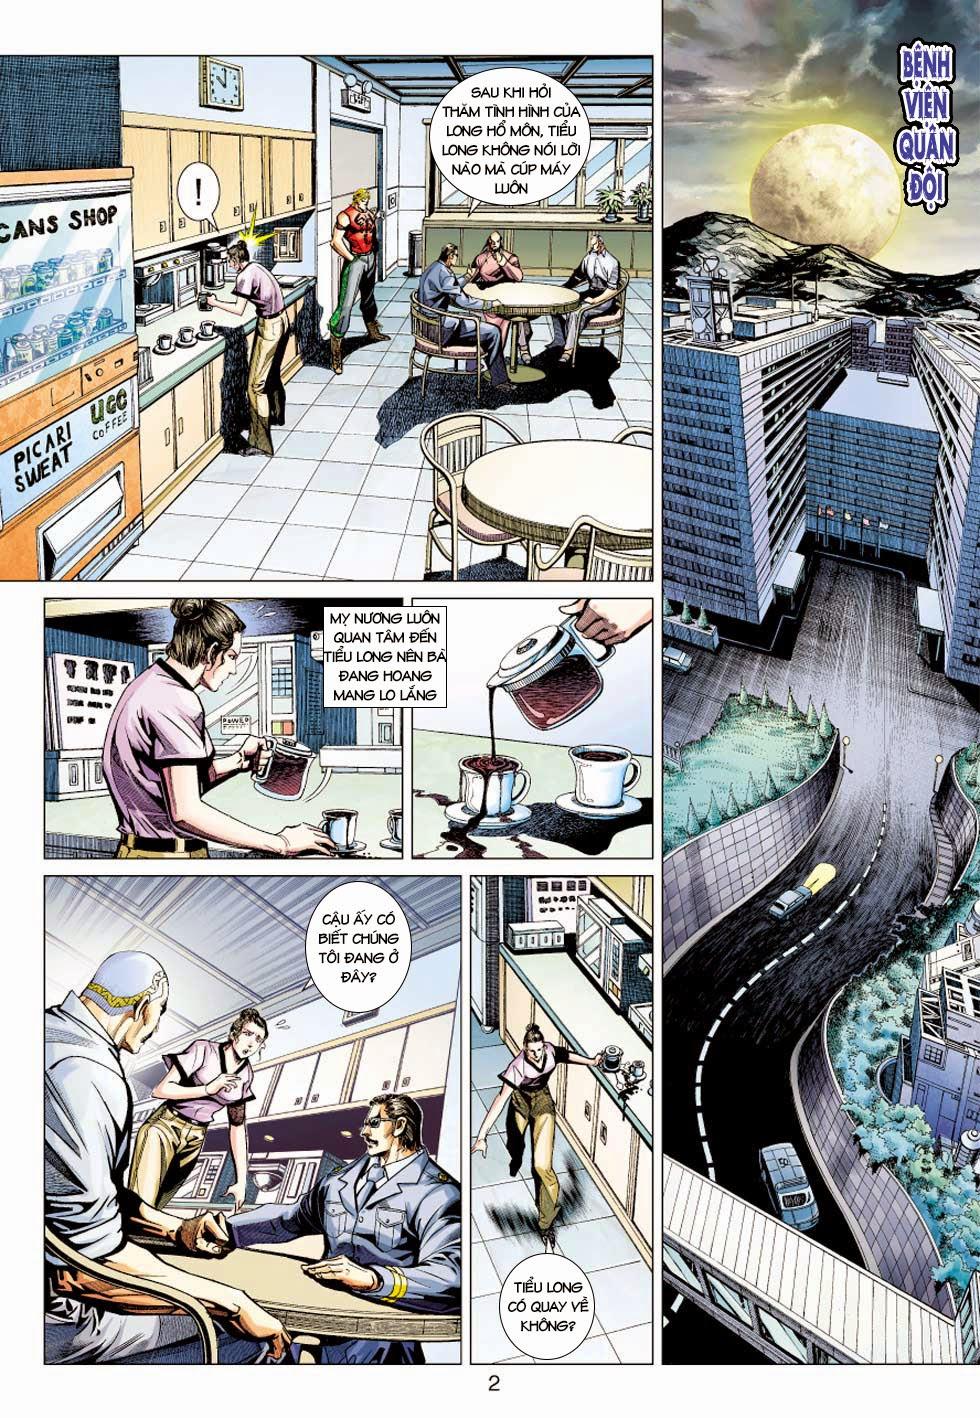 Tân Tác Long Hổ Môn trang 2